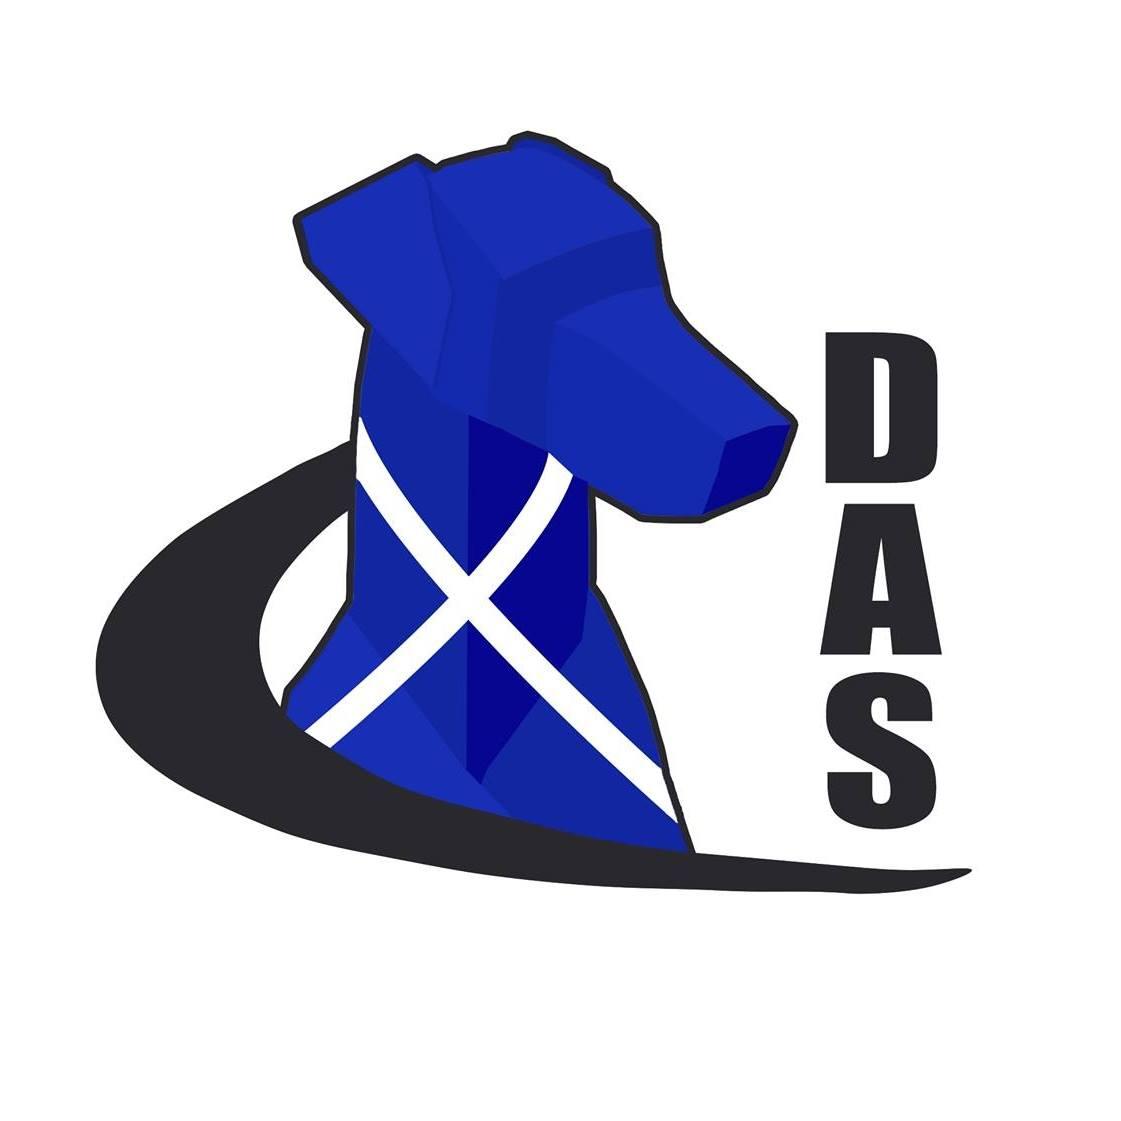 DAS logo